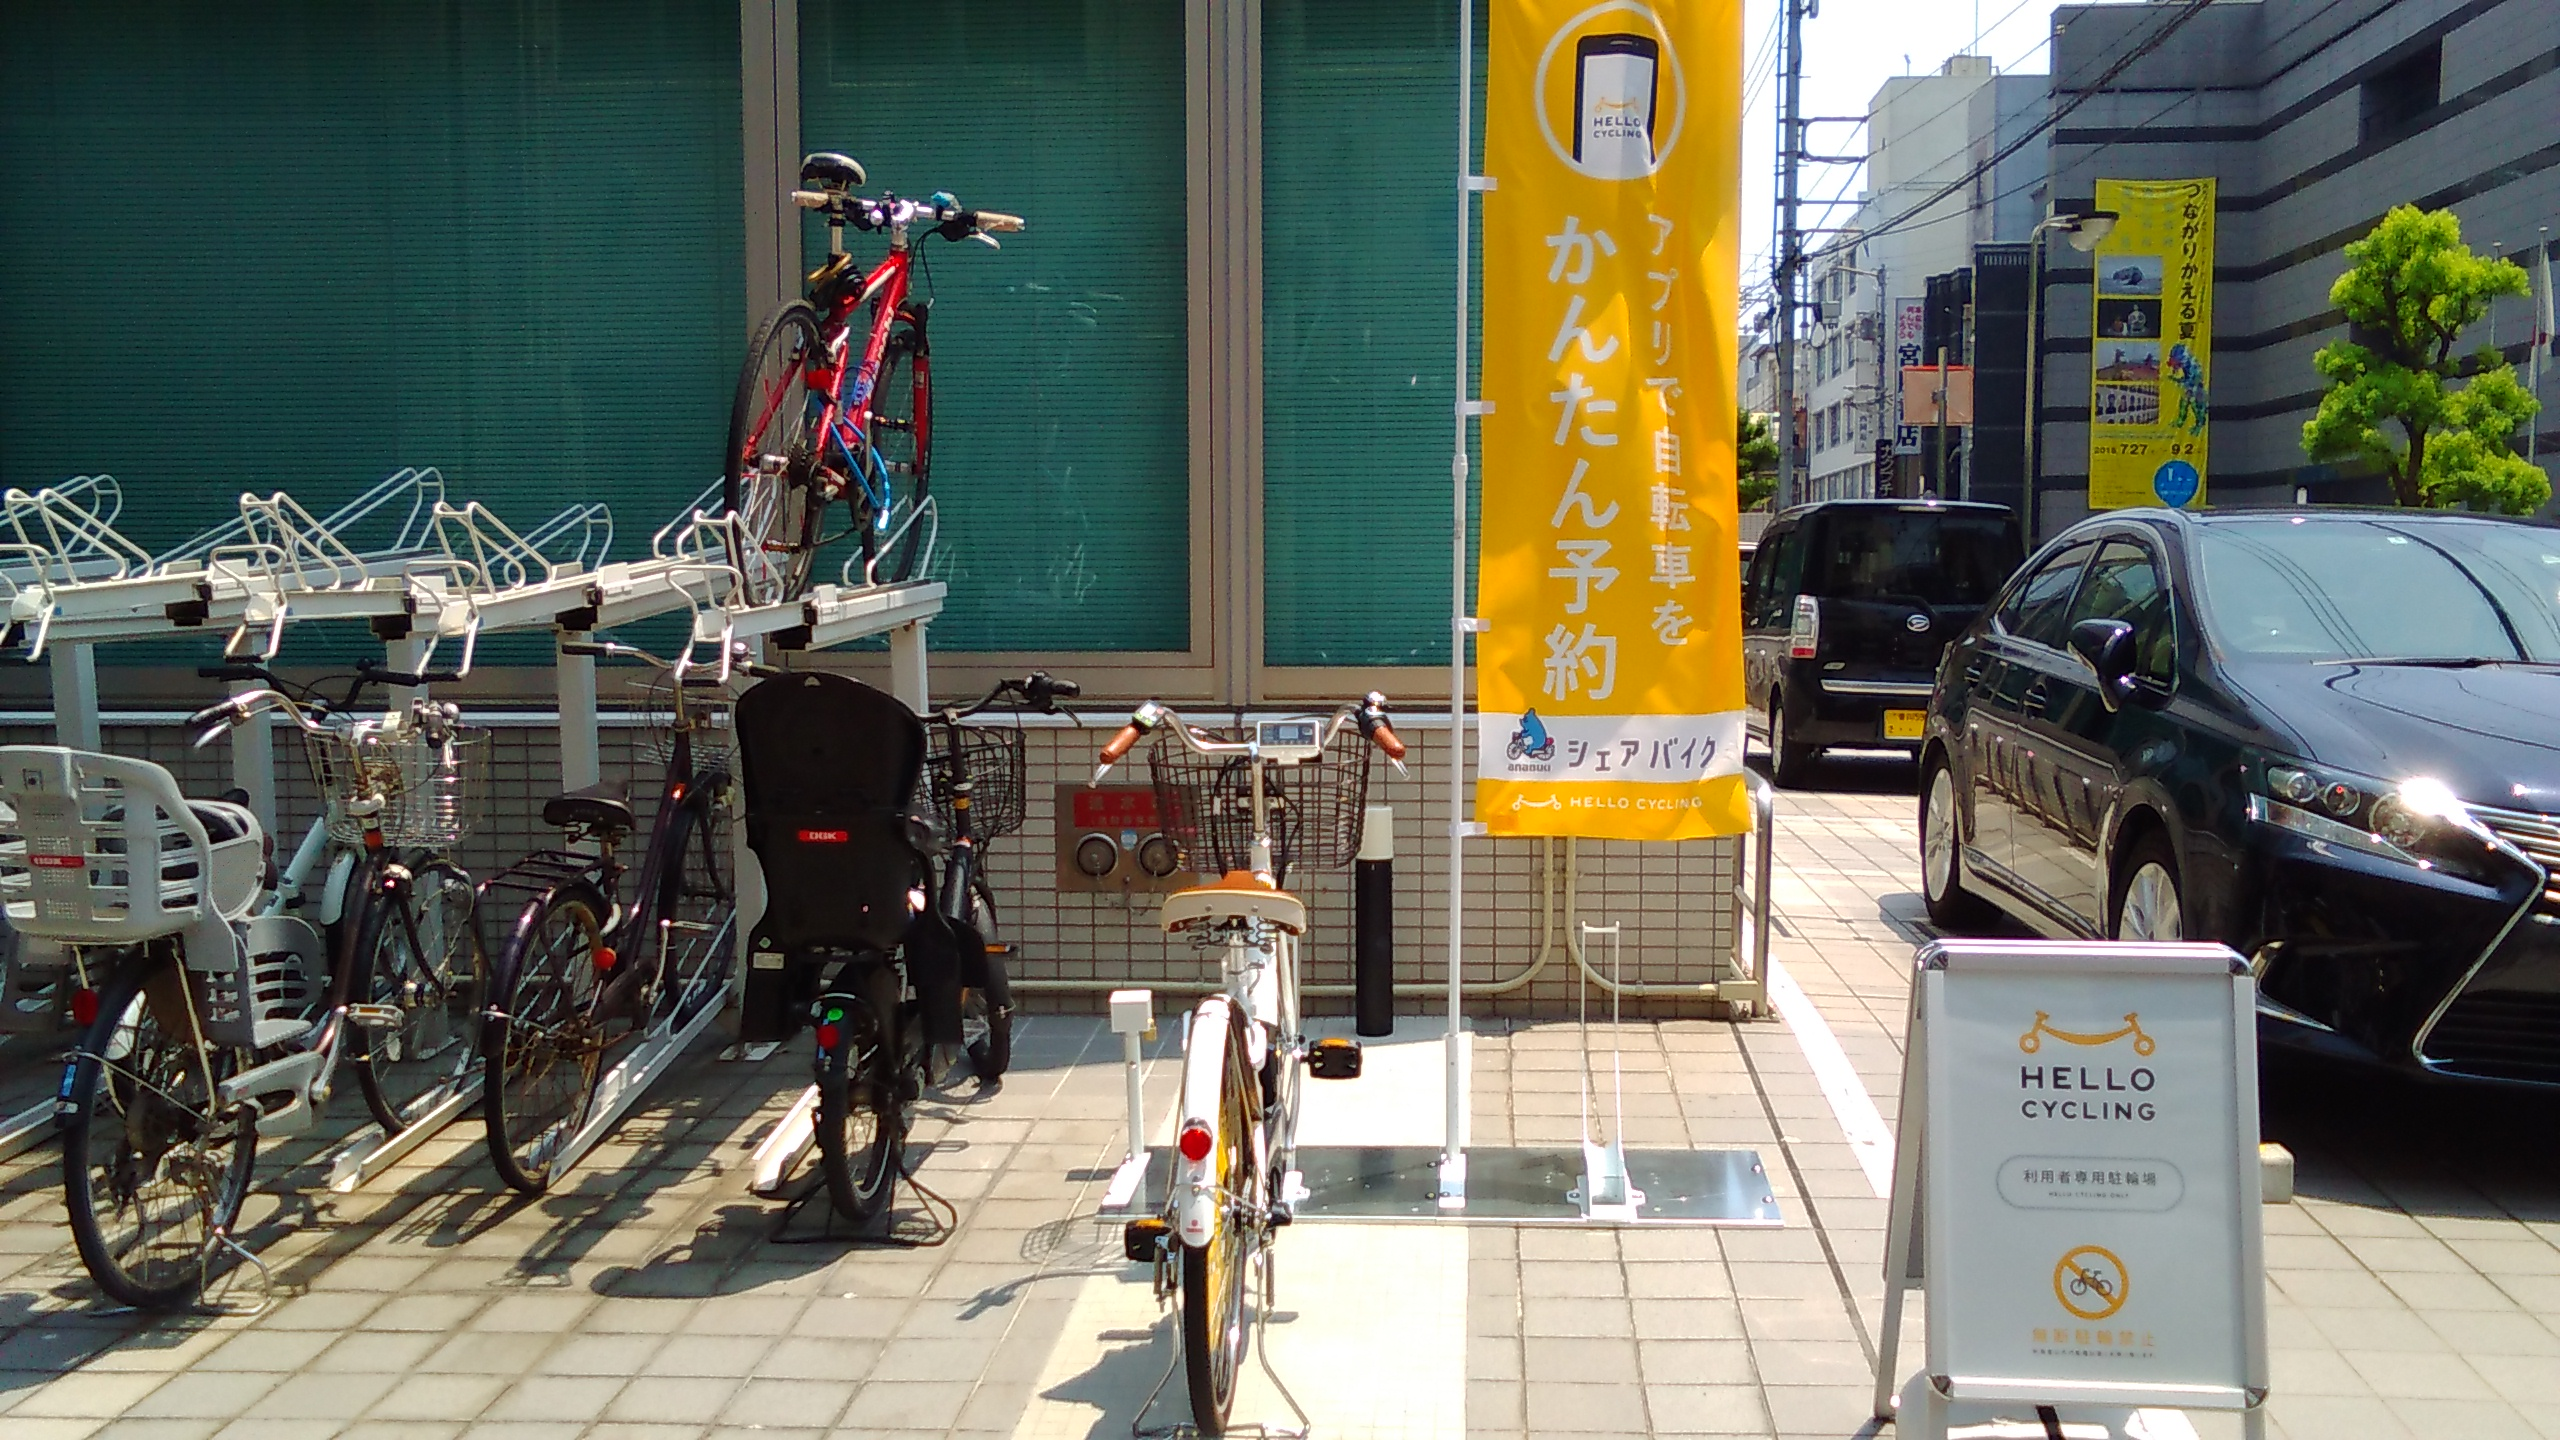 高松市美術館前(損保ジャパン高松ビル) (HELLO CYCLING ポート) image